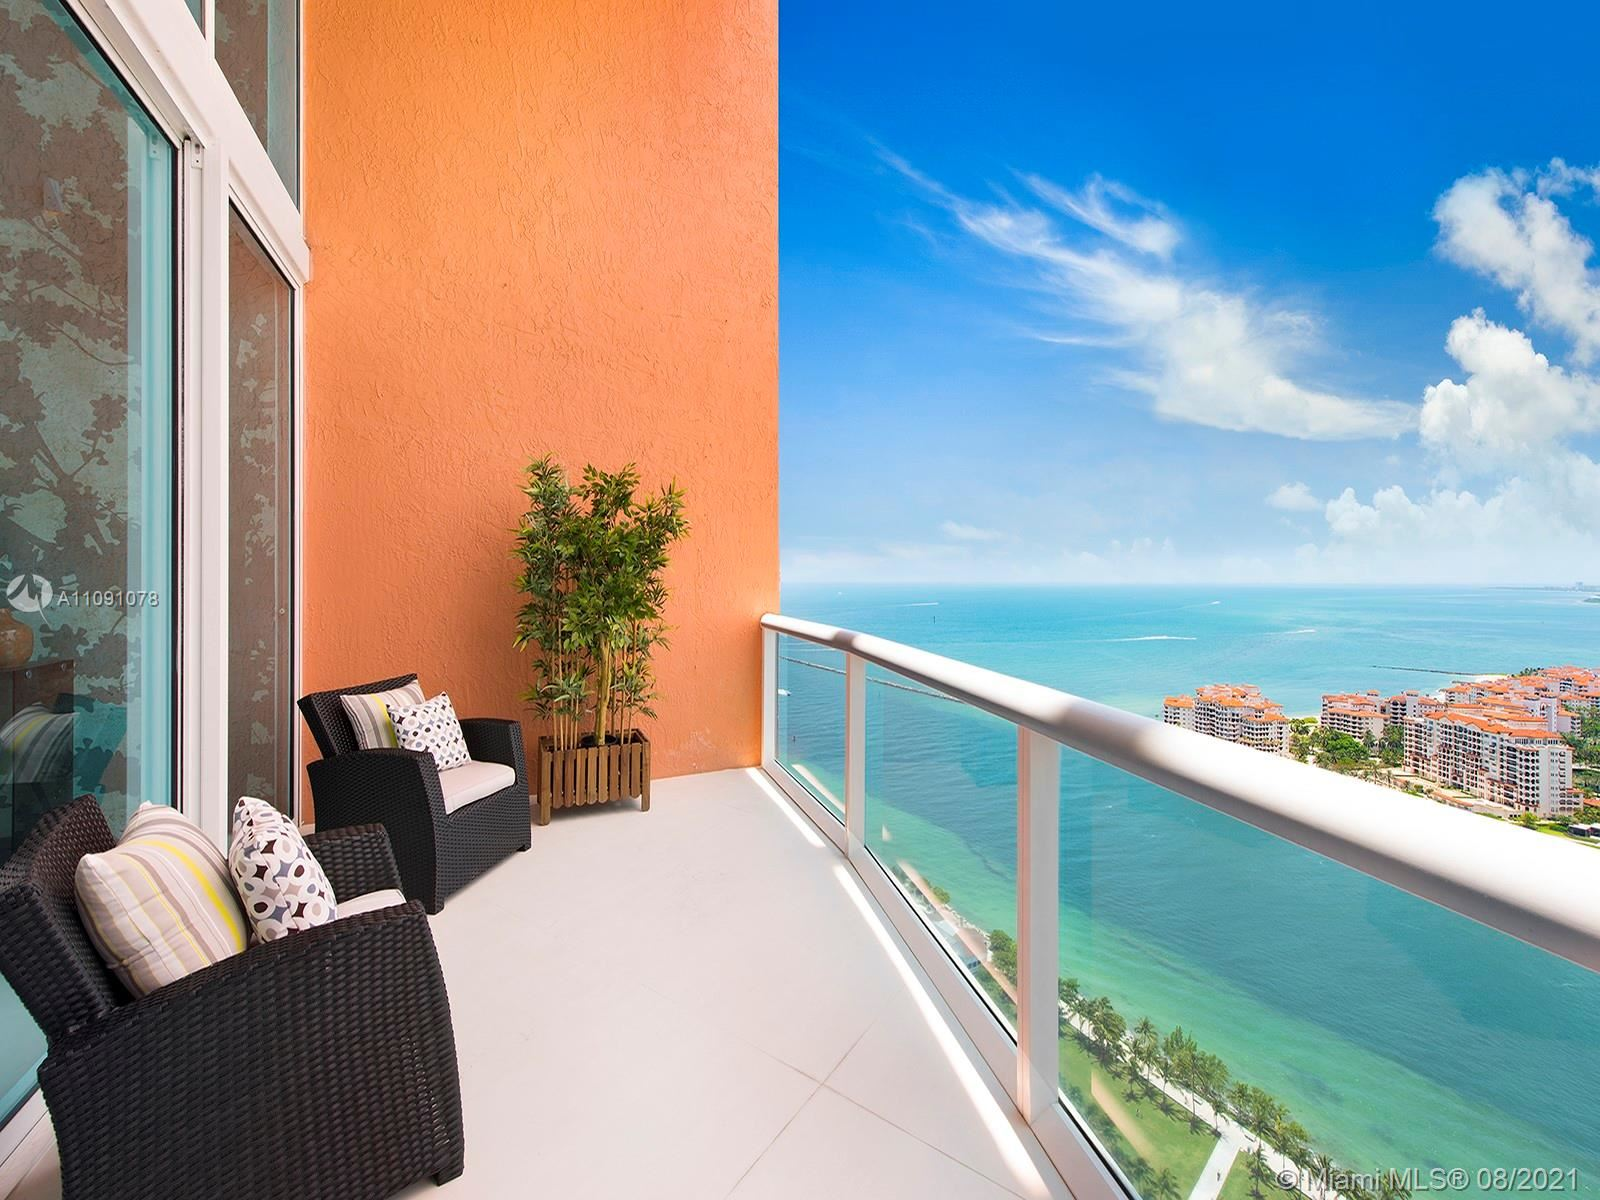 300 S Pointe Dr #4004, Miami Beach, FL 33139 - #: A11091078